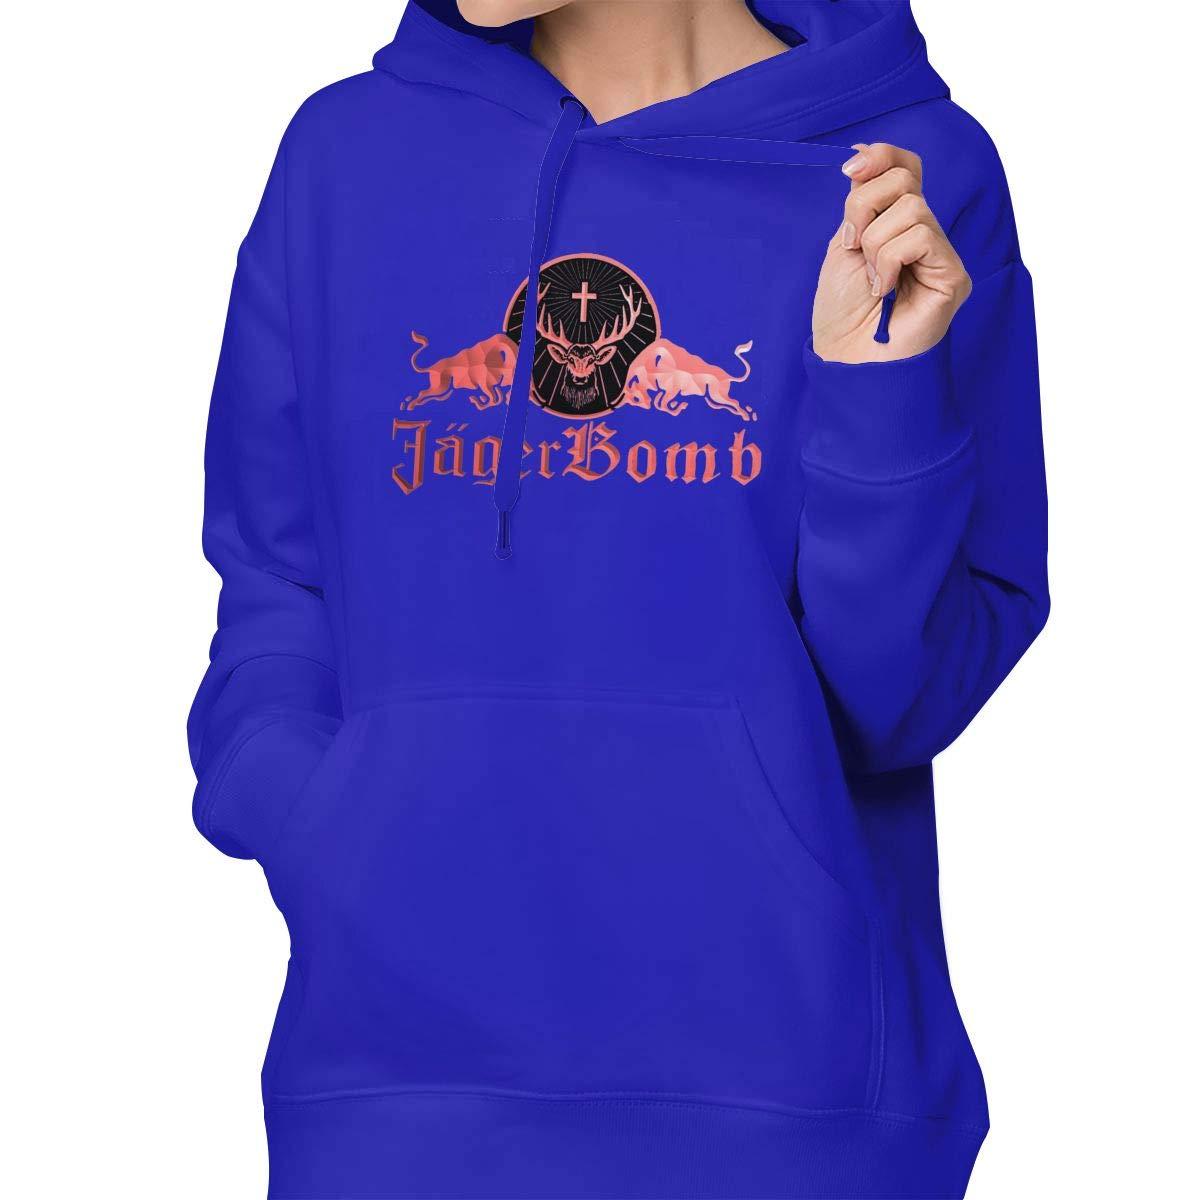 Aidear Jagermeister Girl Sweater Cute Outwear Shirts